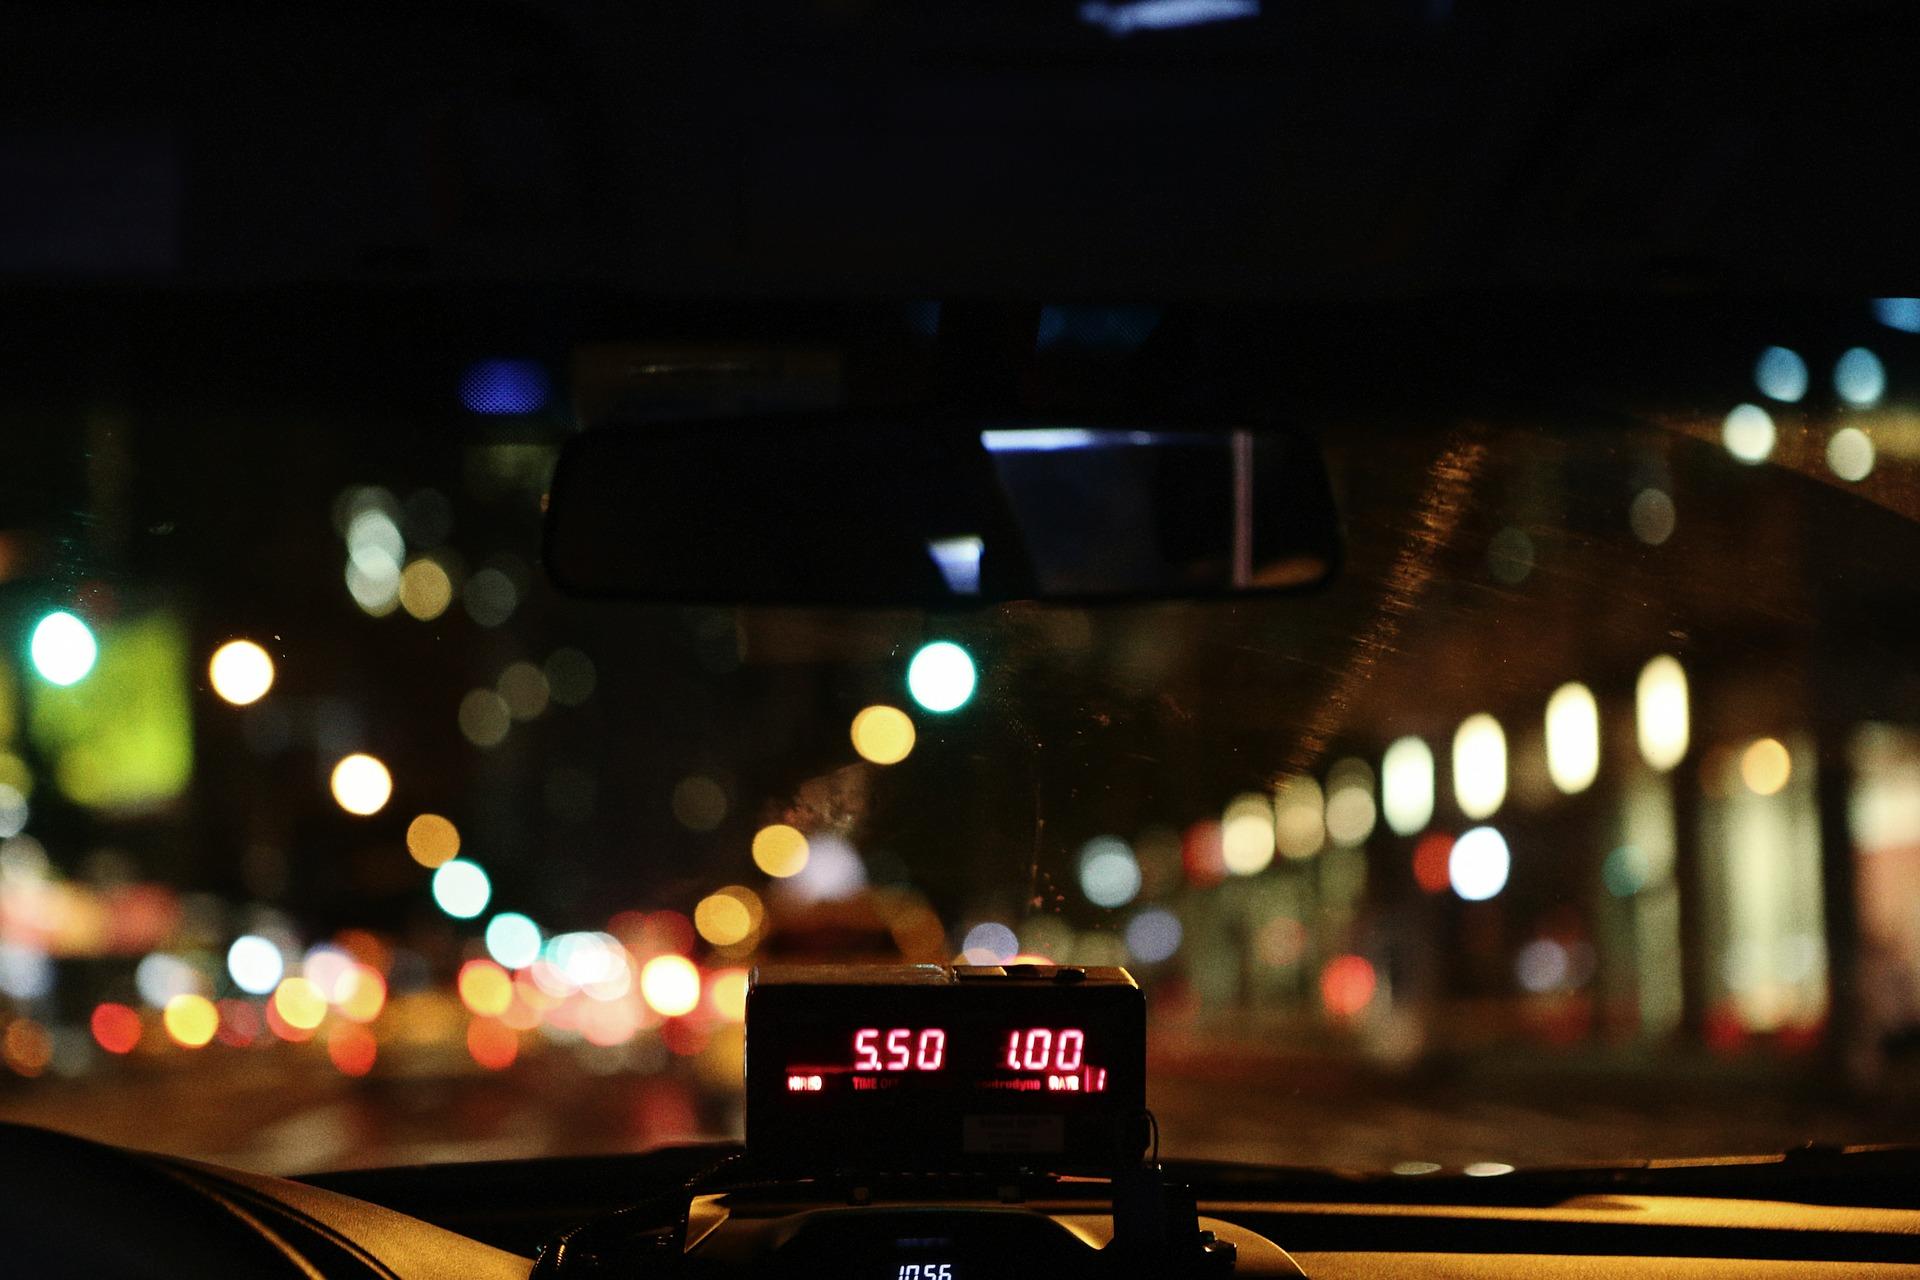 יעלה כמה שיעלה עולה על מונית, צילום אילוסטרציה